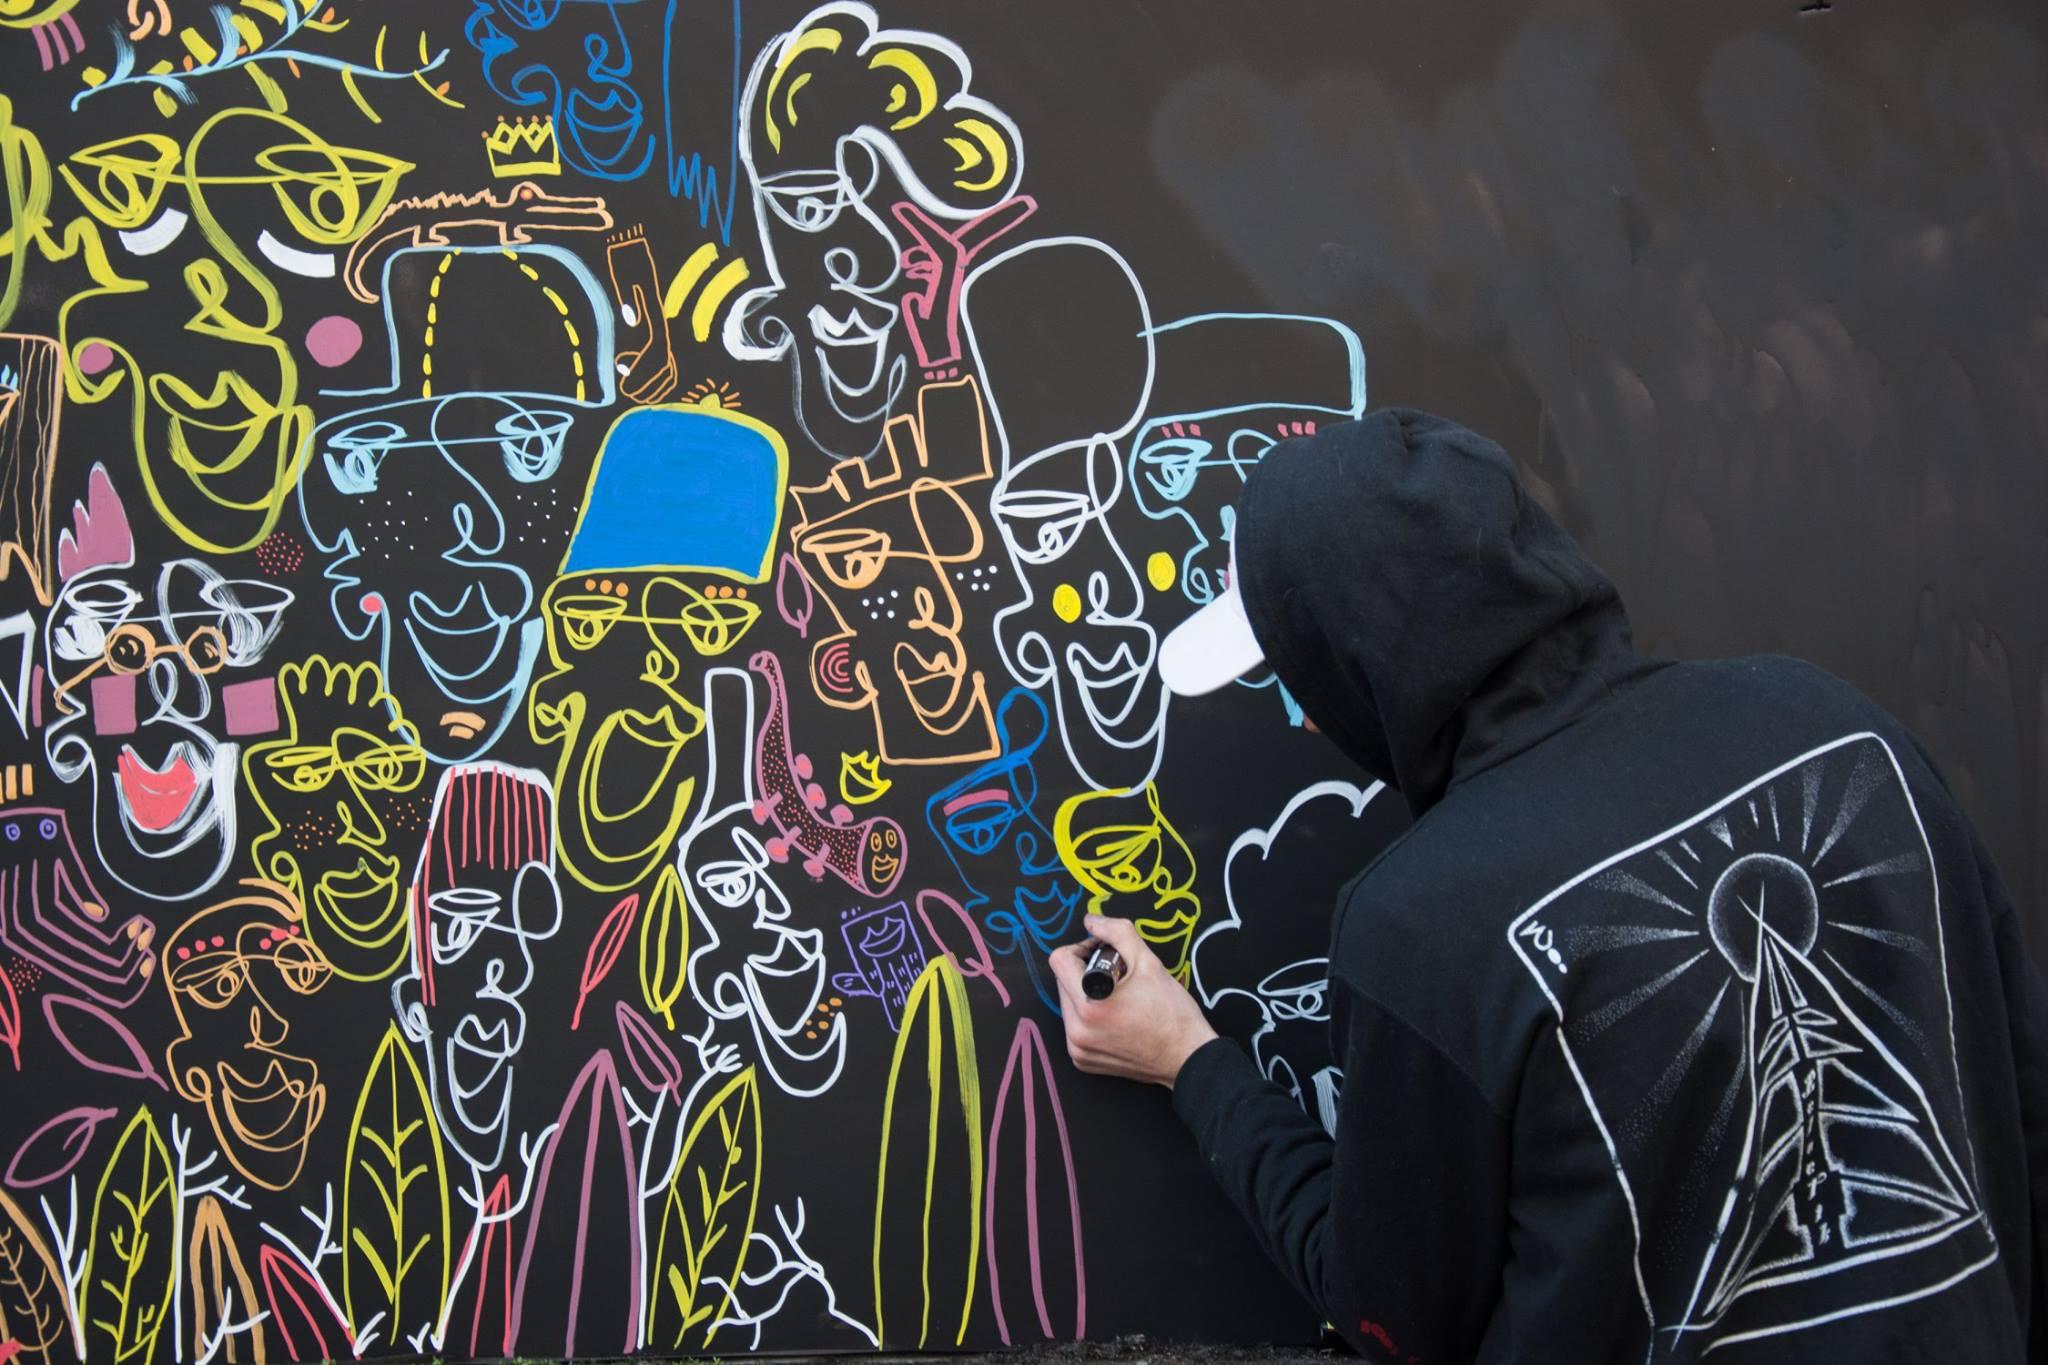 Street-art : un week-end pour explorer la « jungle urbaine » au cœur de l'Autre Soie